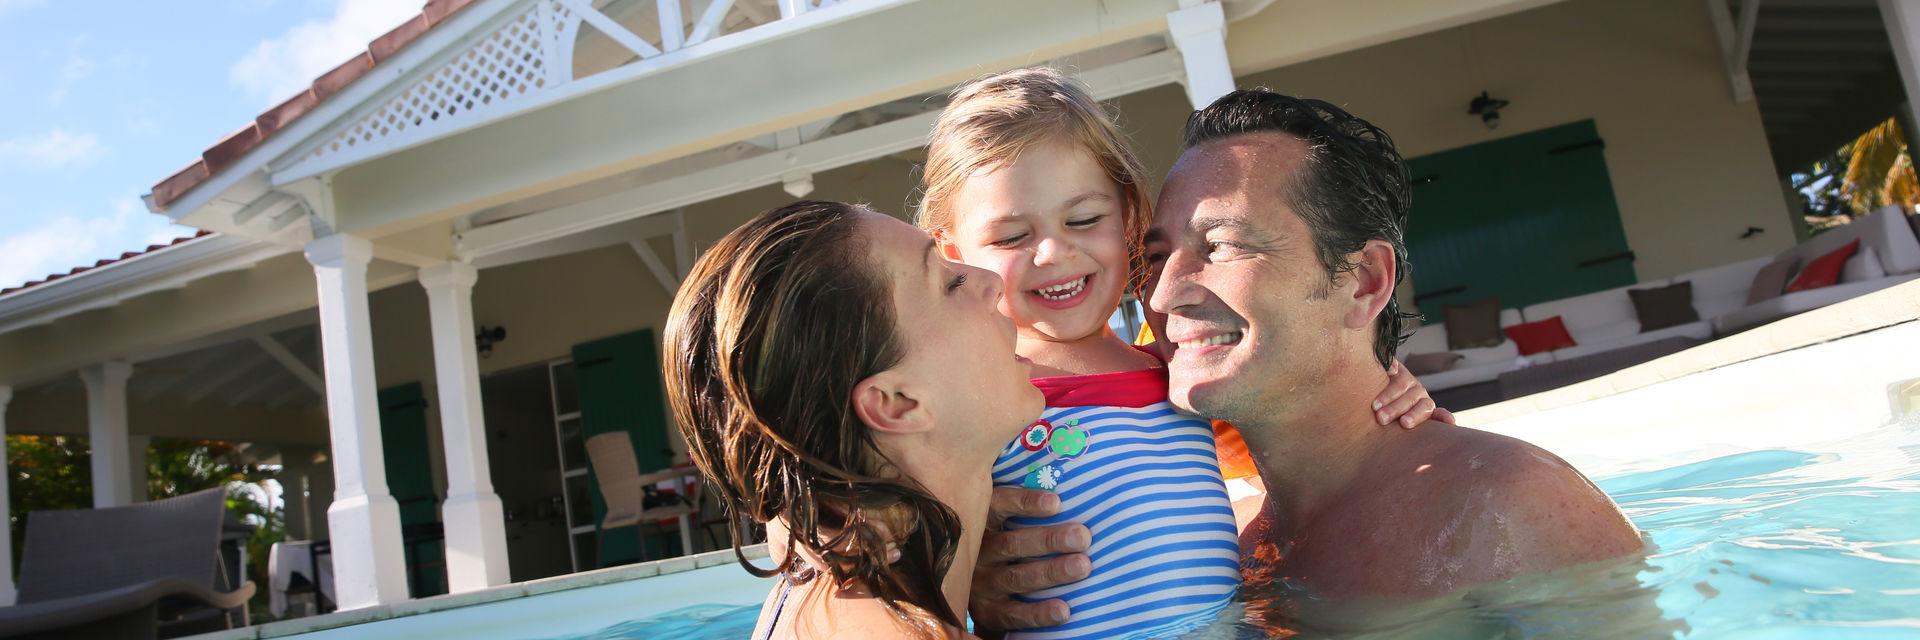 Vakantiehuis Op vakantie met kleine kinderen? Bekijk alle vakantiehuizen